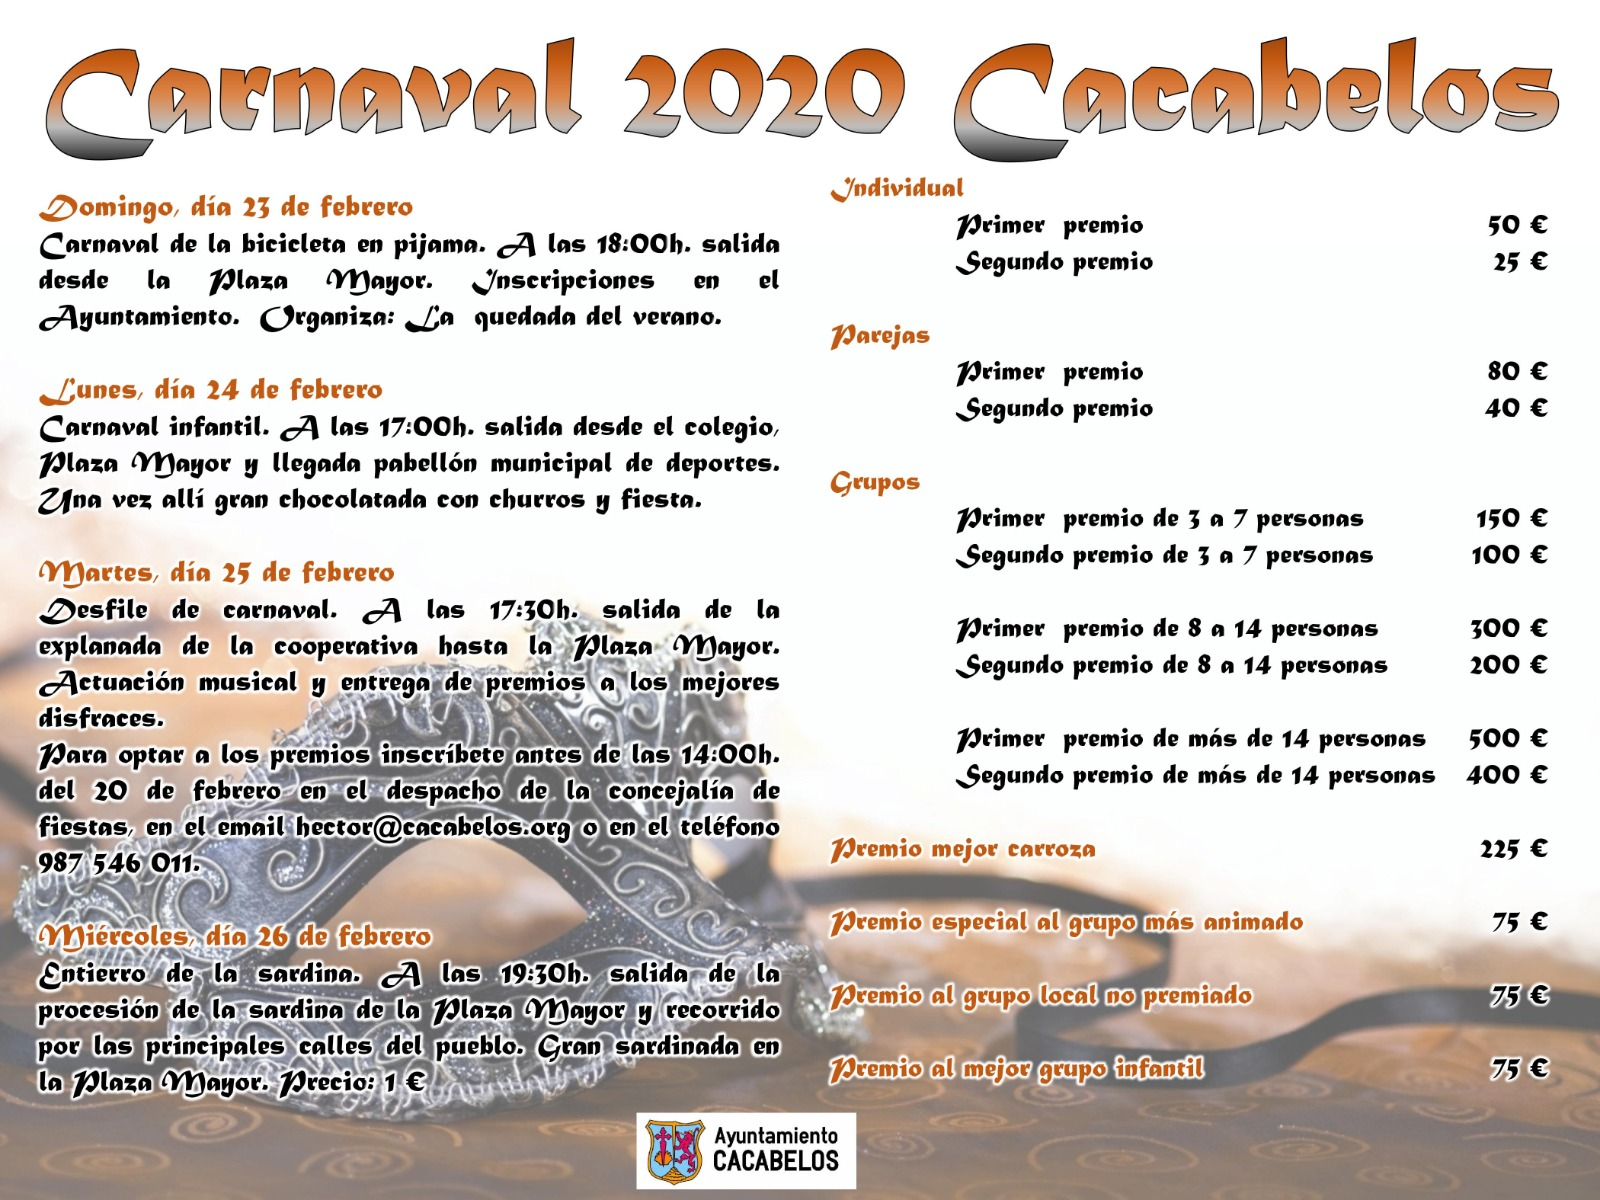 Carnaval 2020 en Cacabelos 2